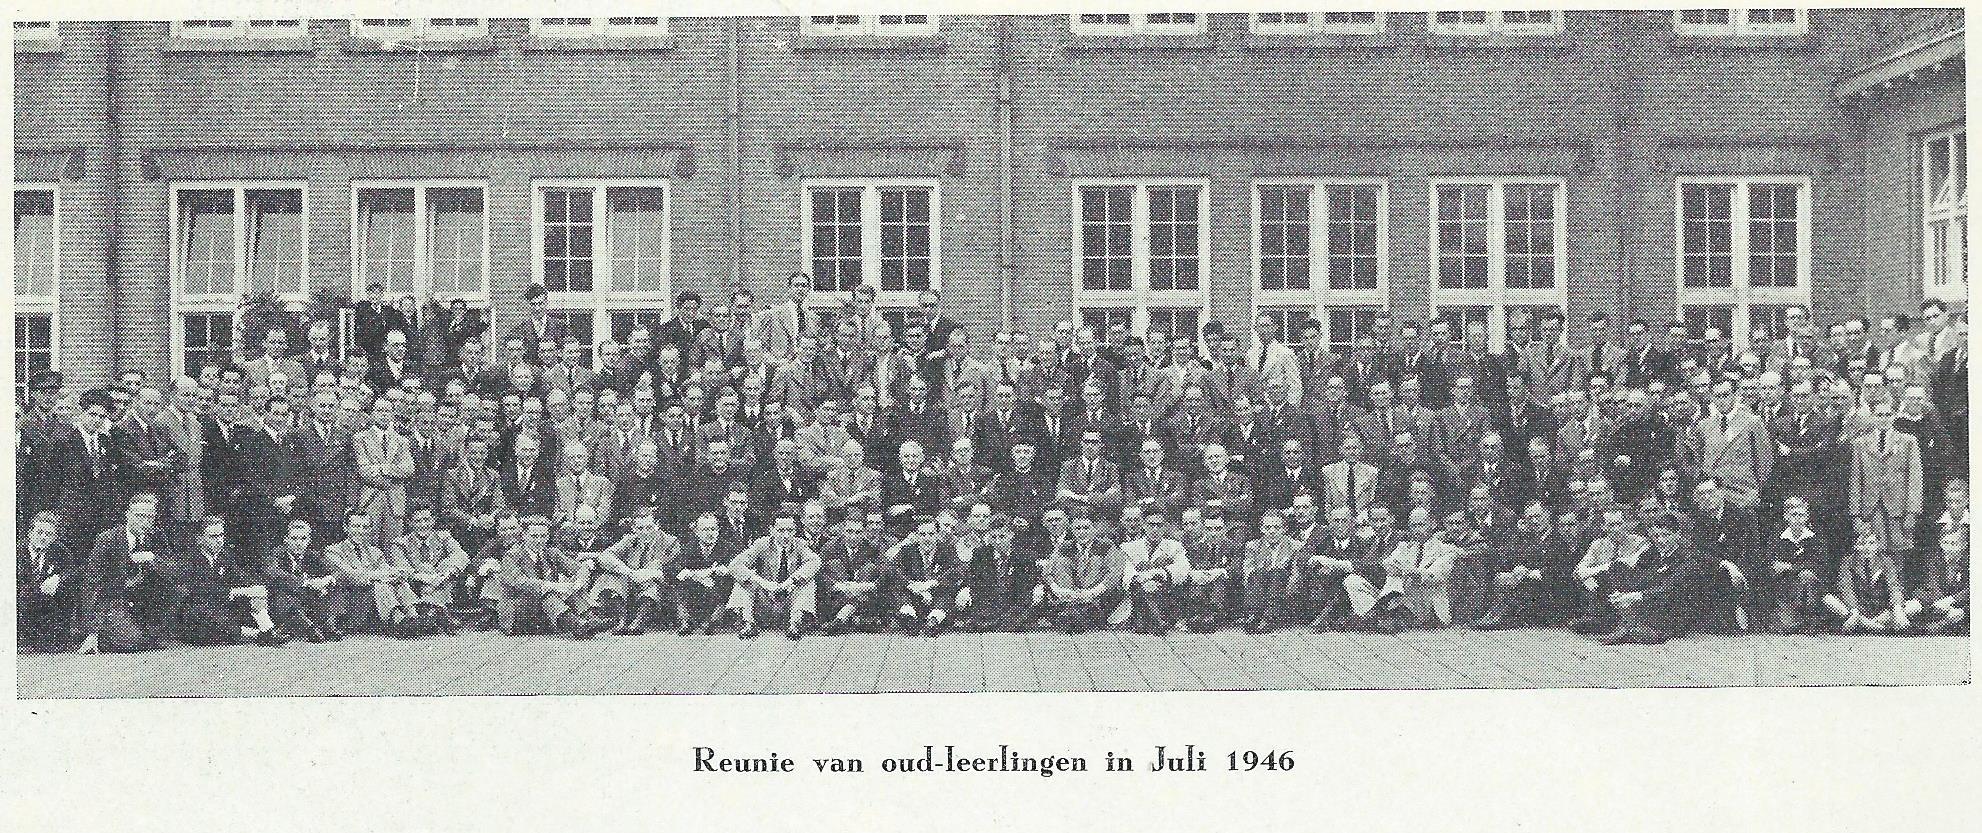 triniteitreunie1946